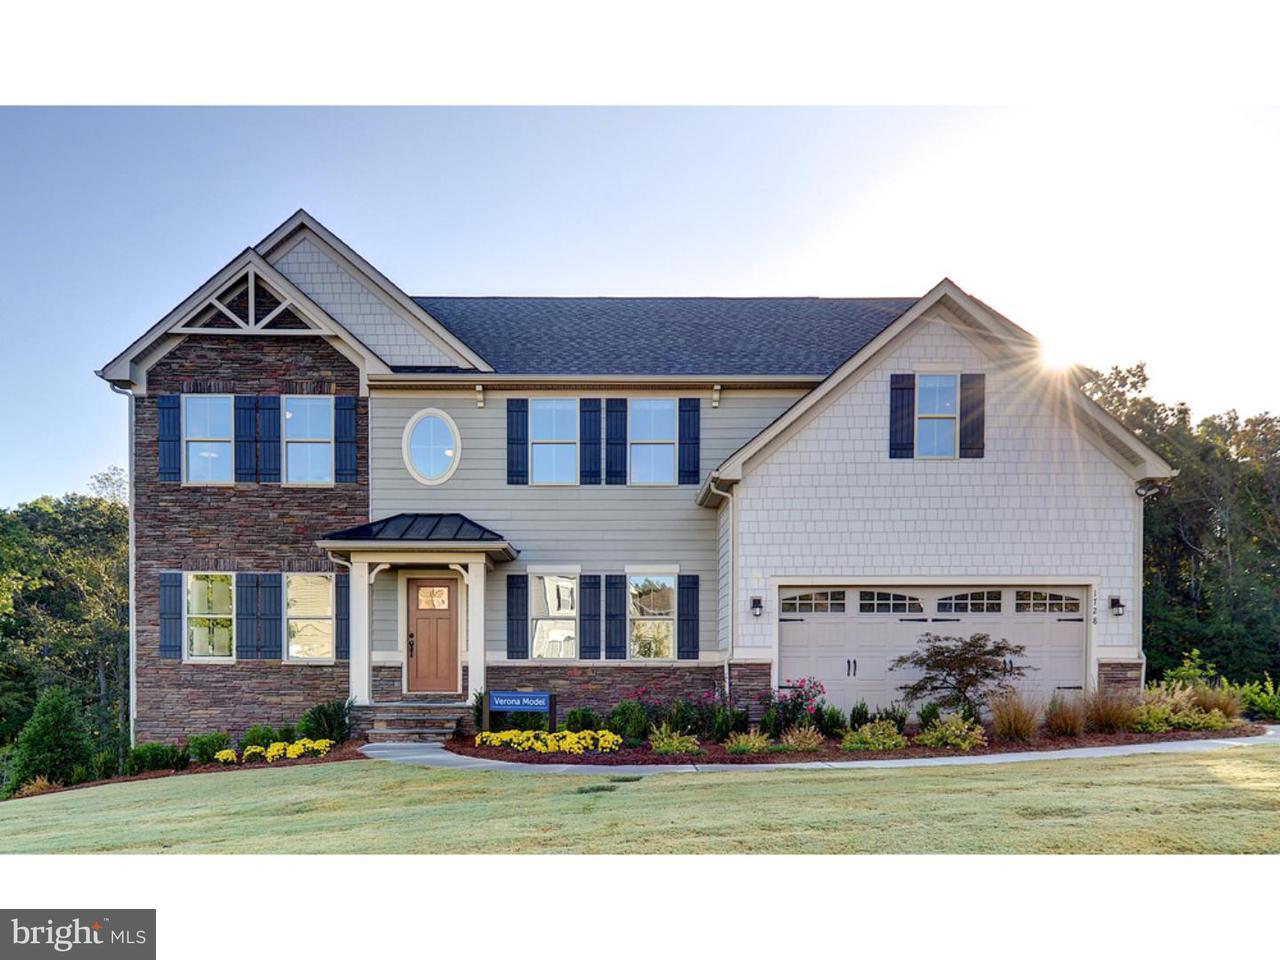 Частный односемейный дом для того Продажа на 8 EAST CROSSING Drive Mount Royal, Нью-Джерси 08061 Соединенные Штаты